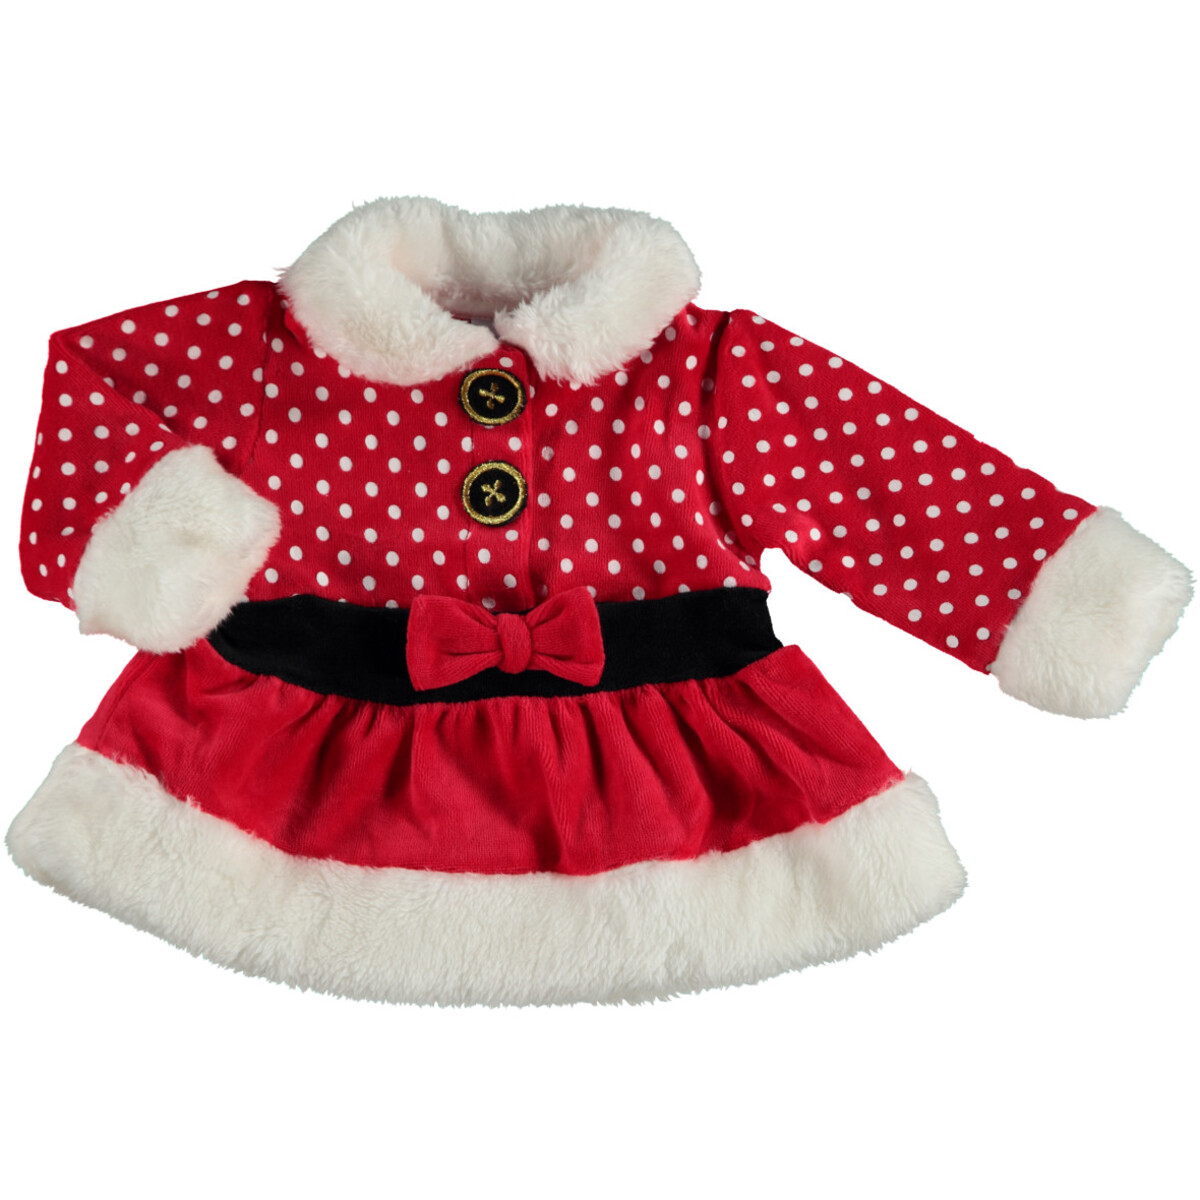 Bild 1 von Baby Weihnachtskleid